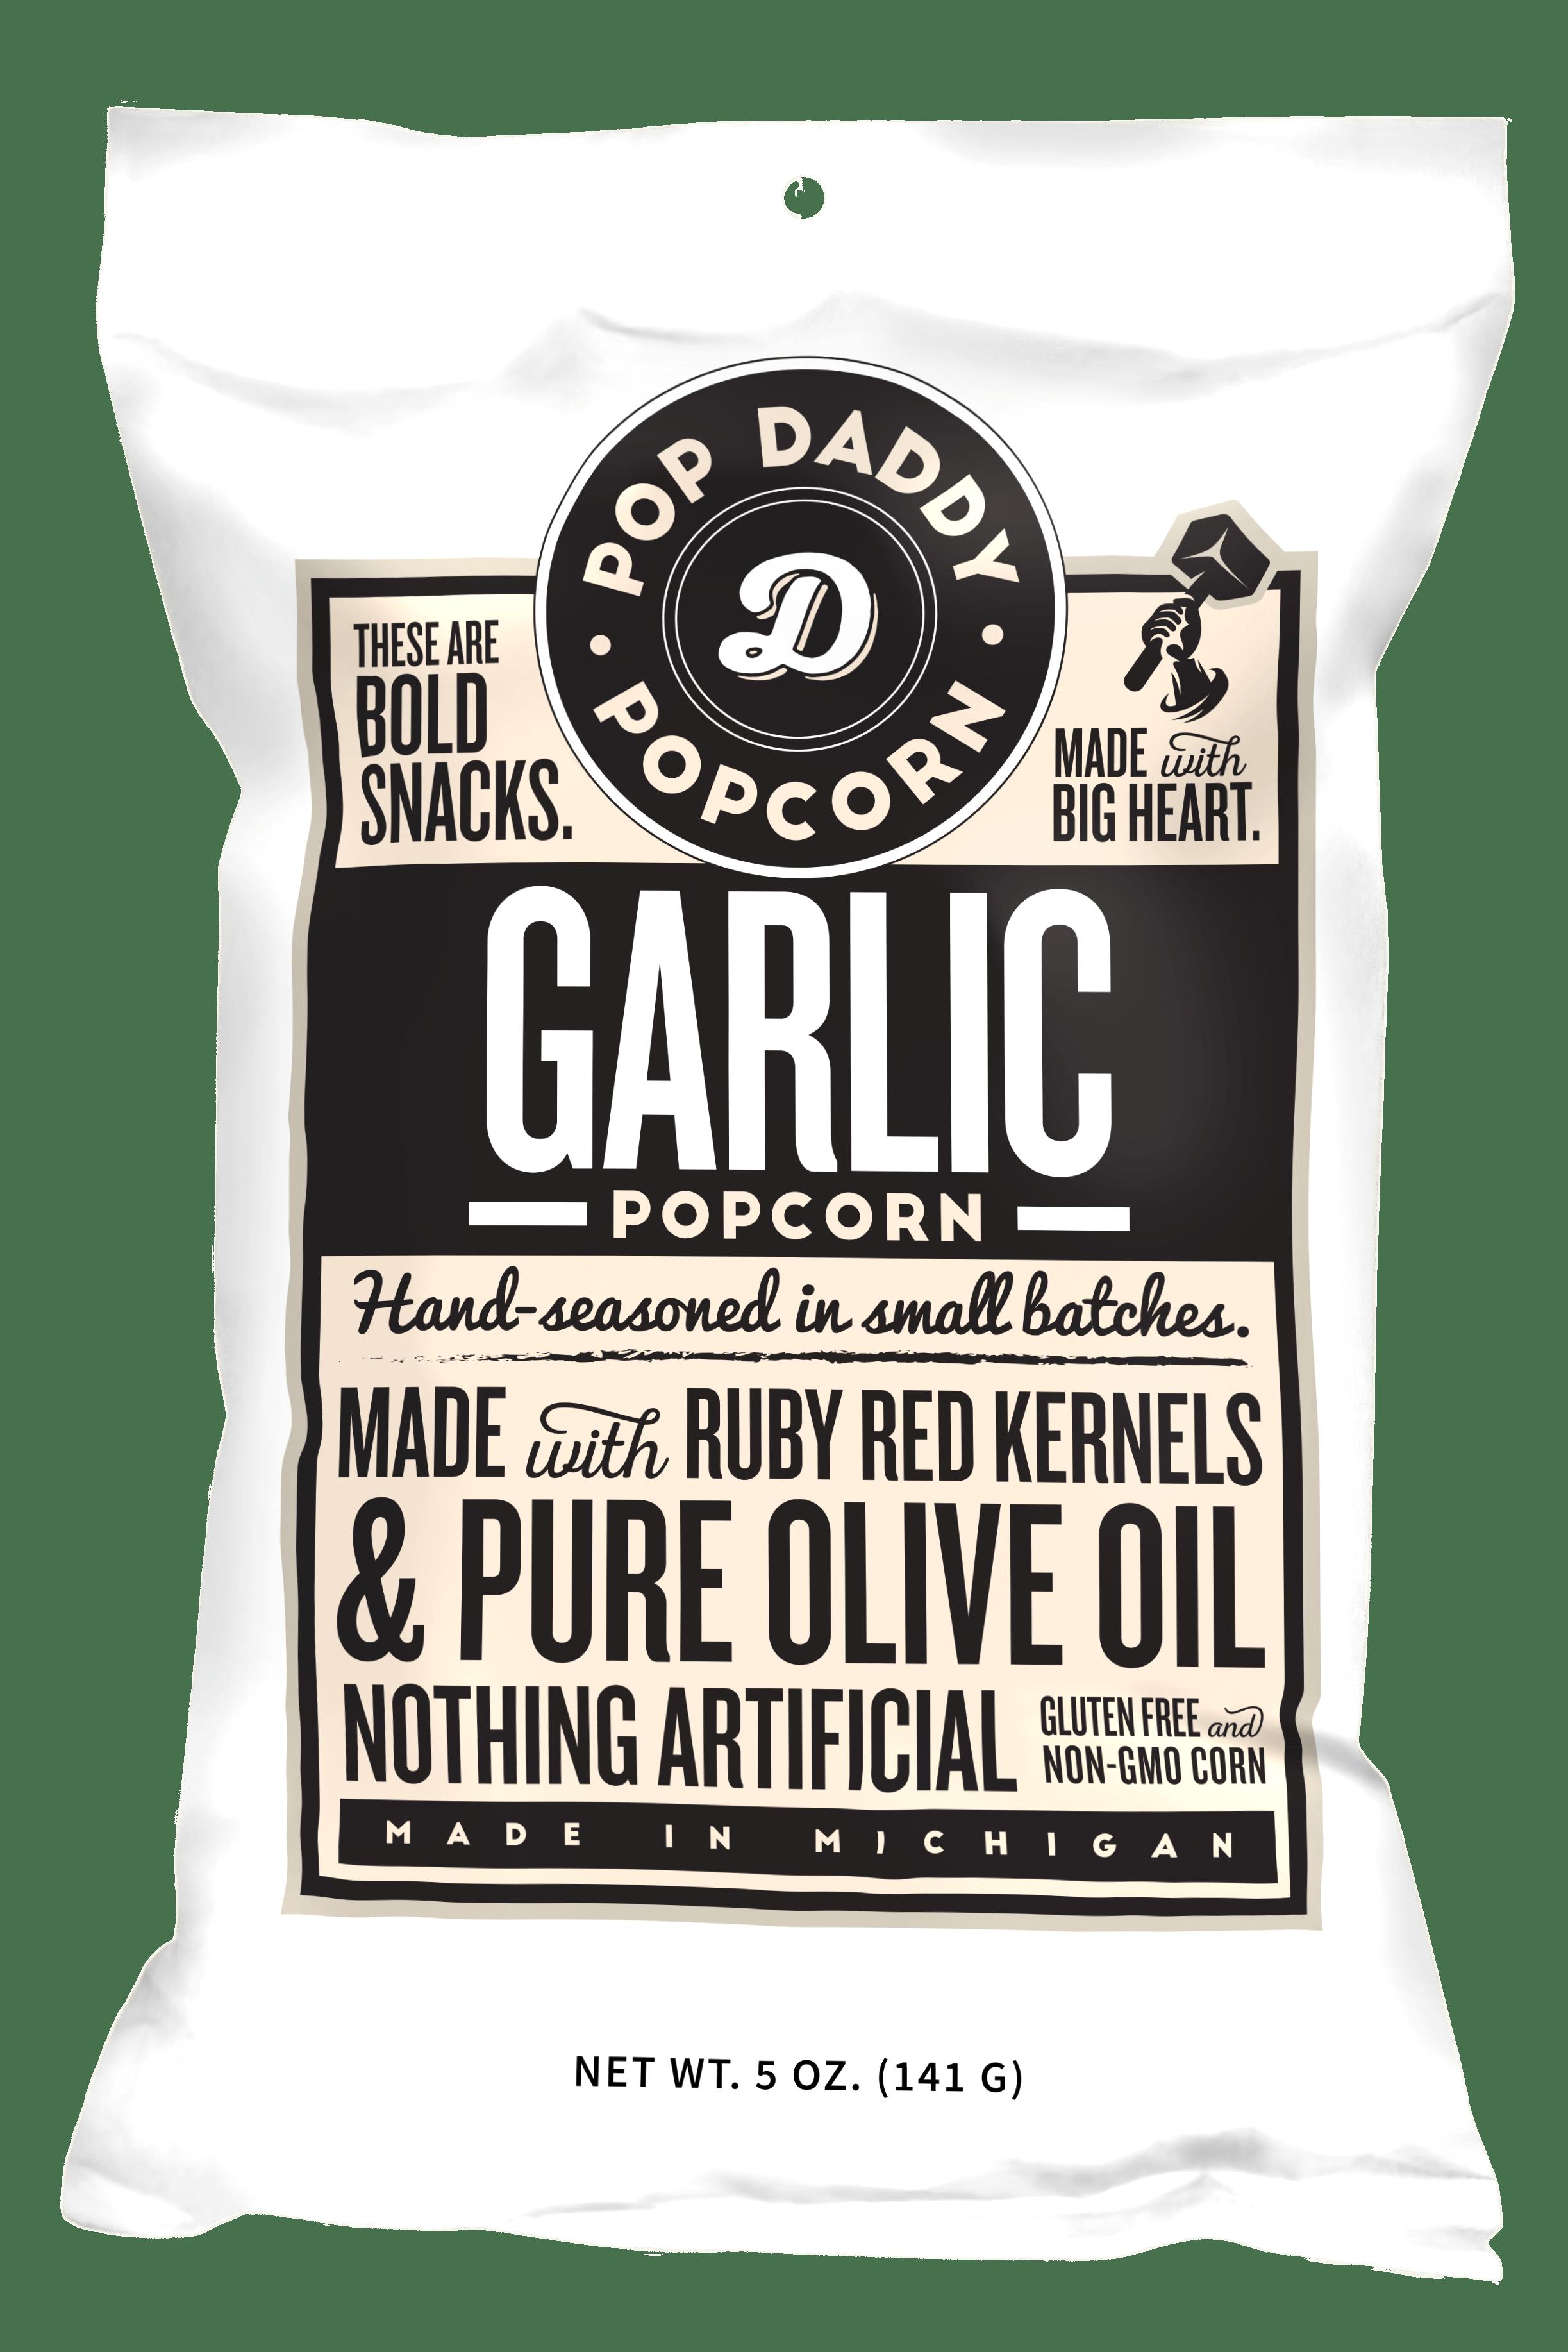 GarlicPopcornRegular.png